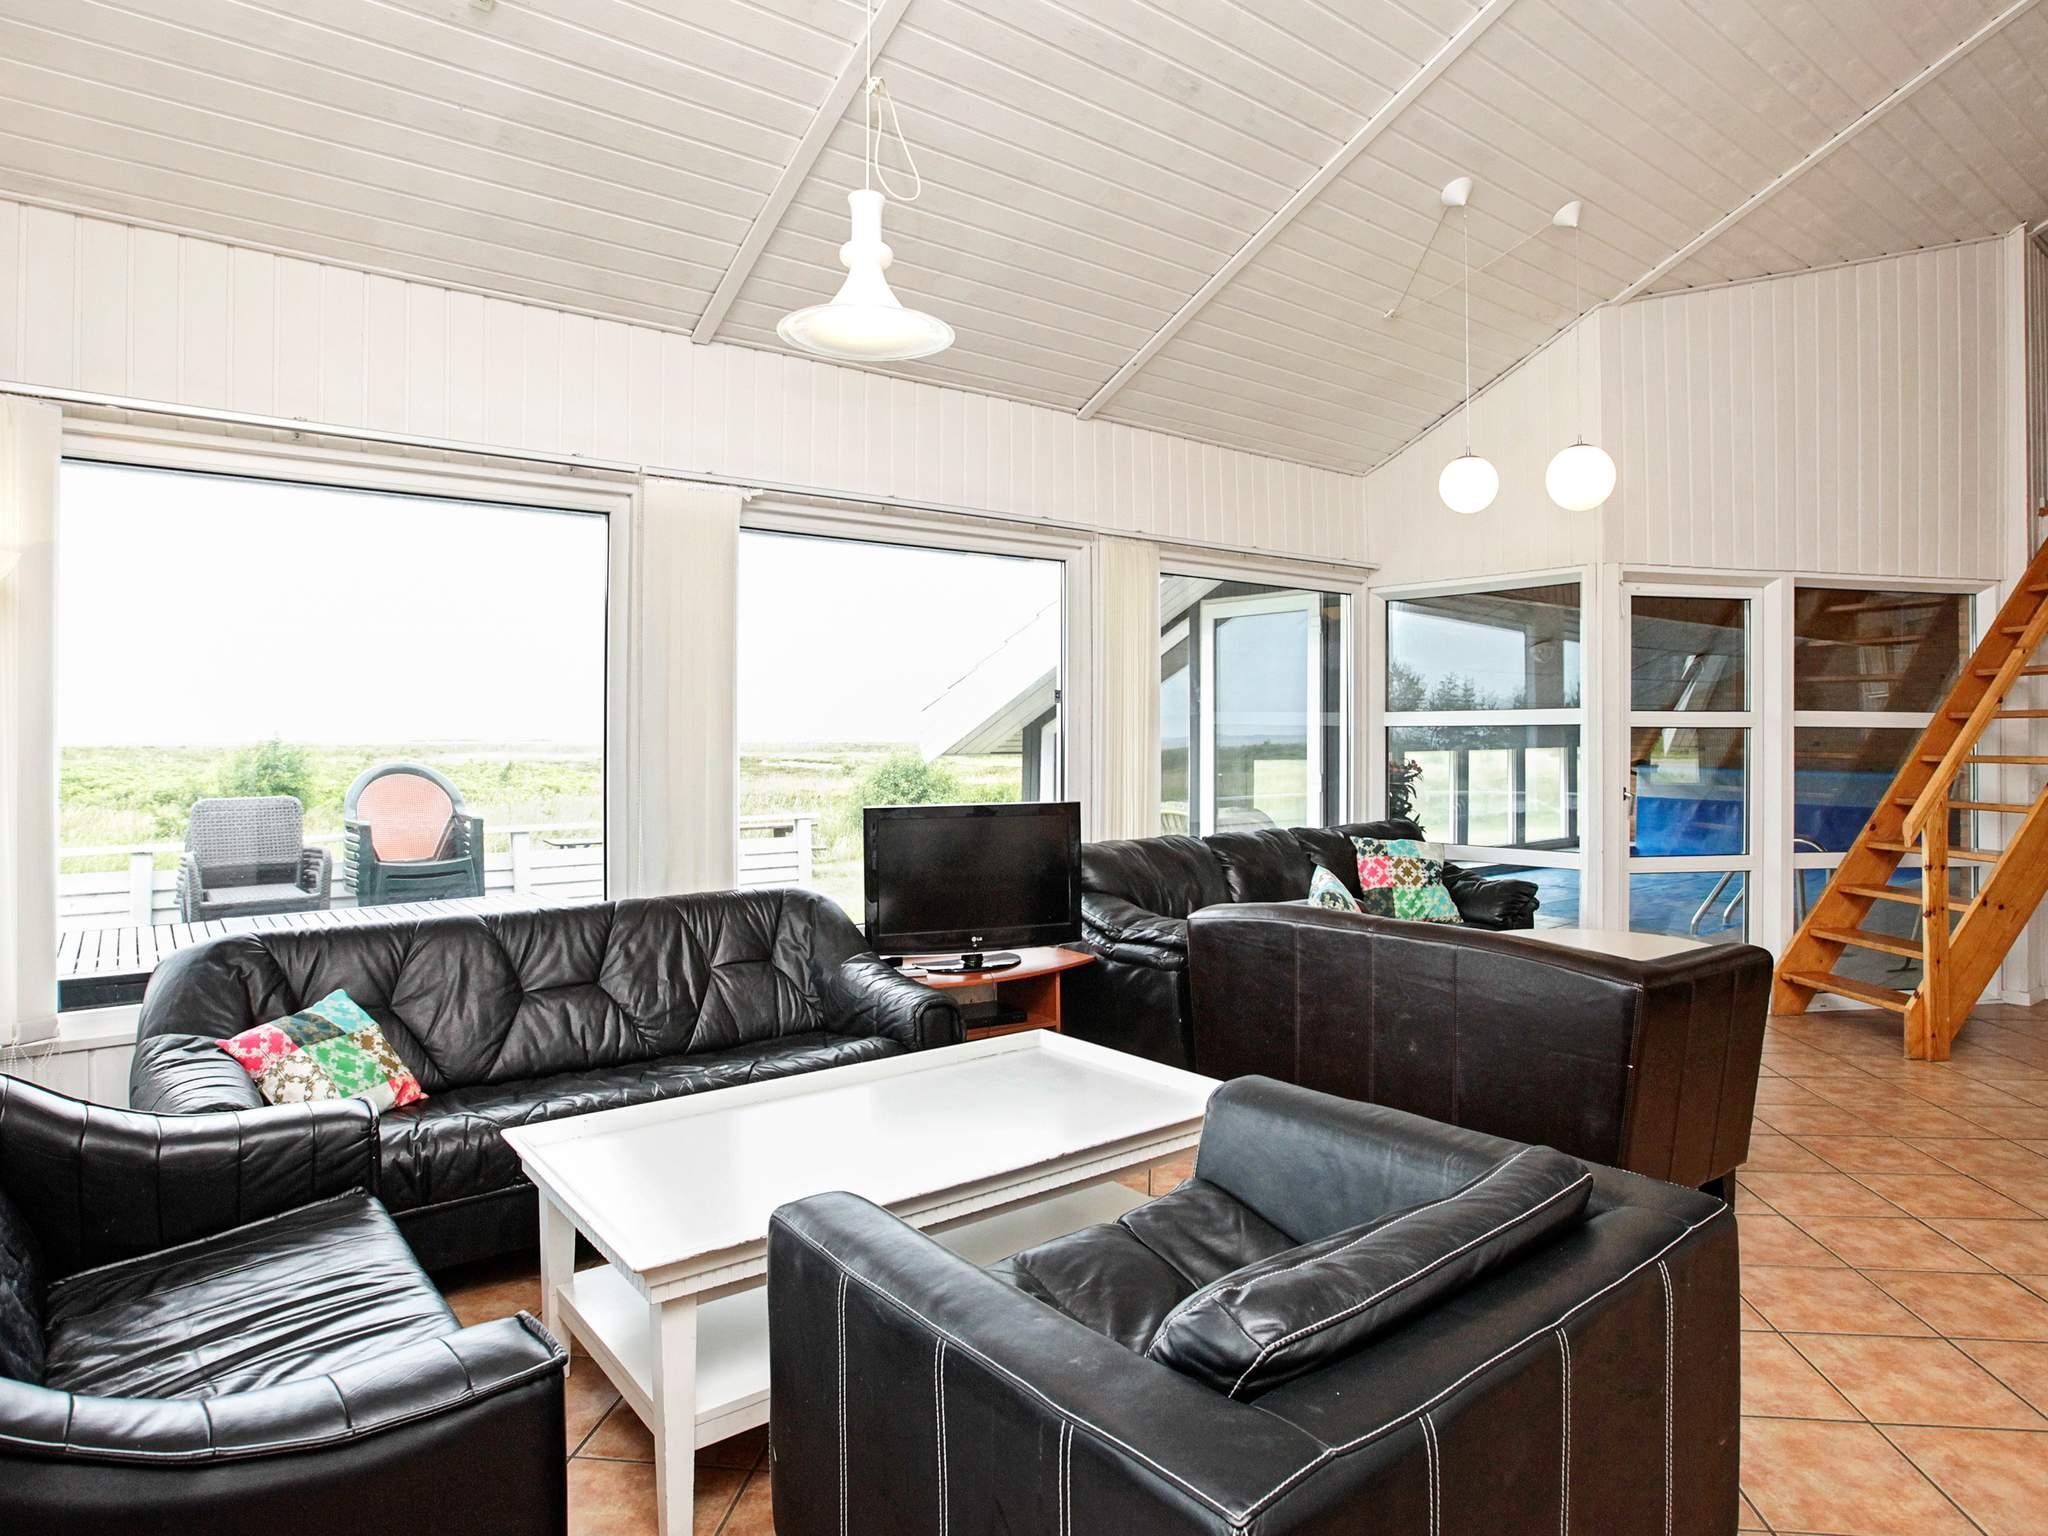 Ferienhaus Trend (81953), Løgstør, , Limfjord, Dänemark, Bild 3